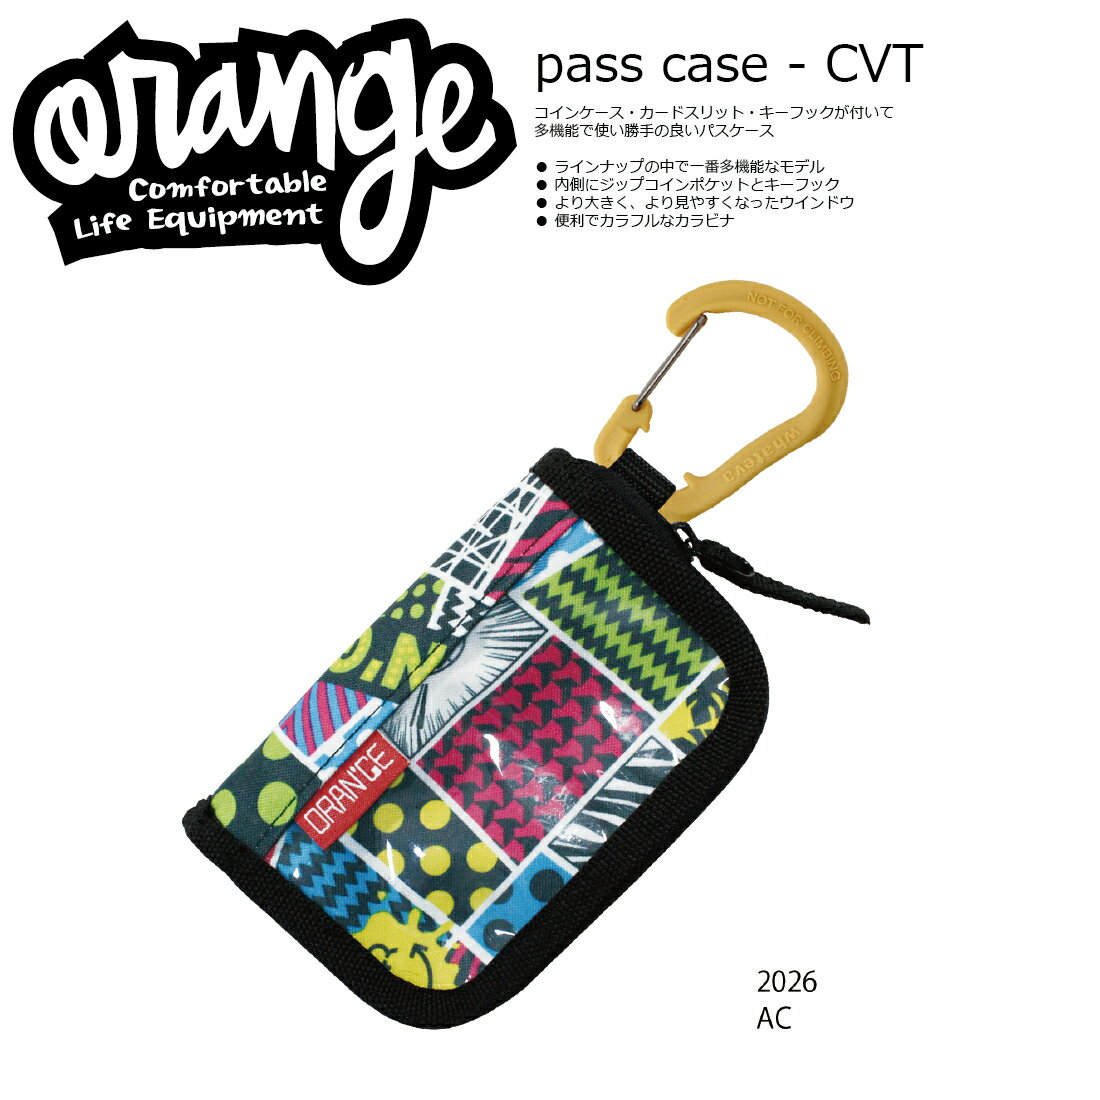 Oran'ge Pass-Case CVT カラビナ付 2026 AC オレンジ パスケース 横タイプ シーブイティー 収納ポケット付 2017 2017-18